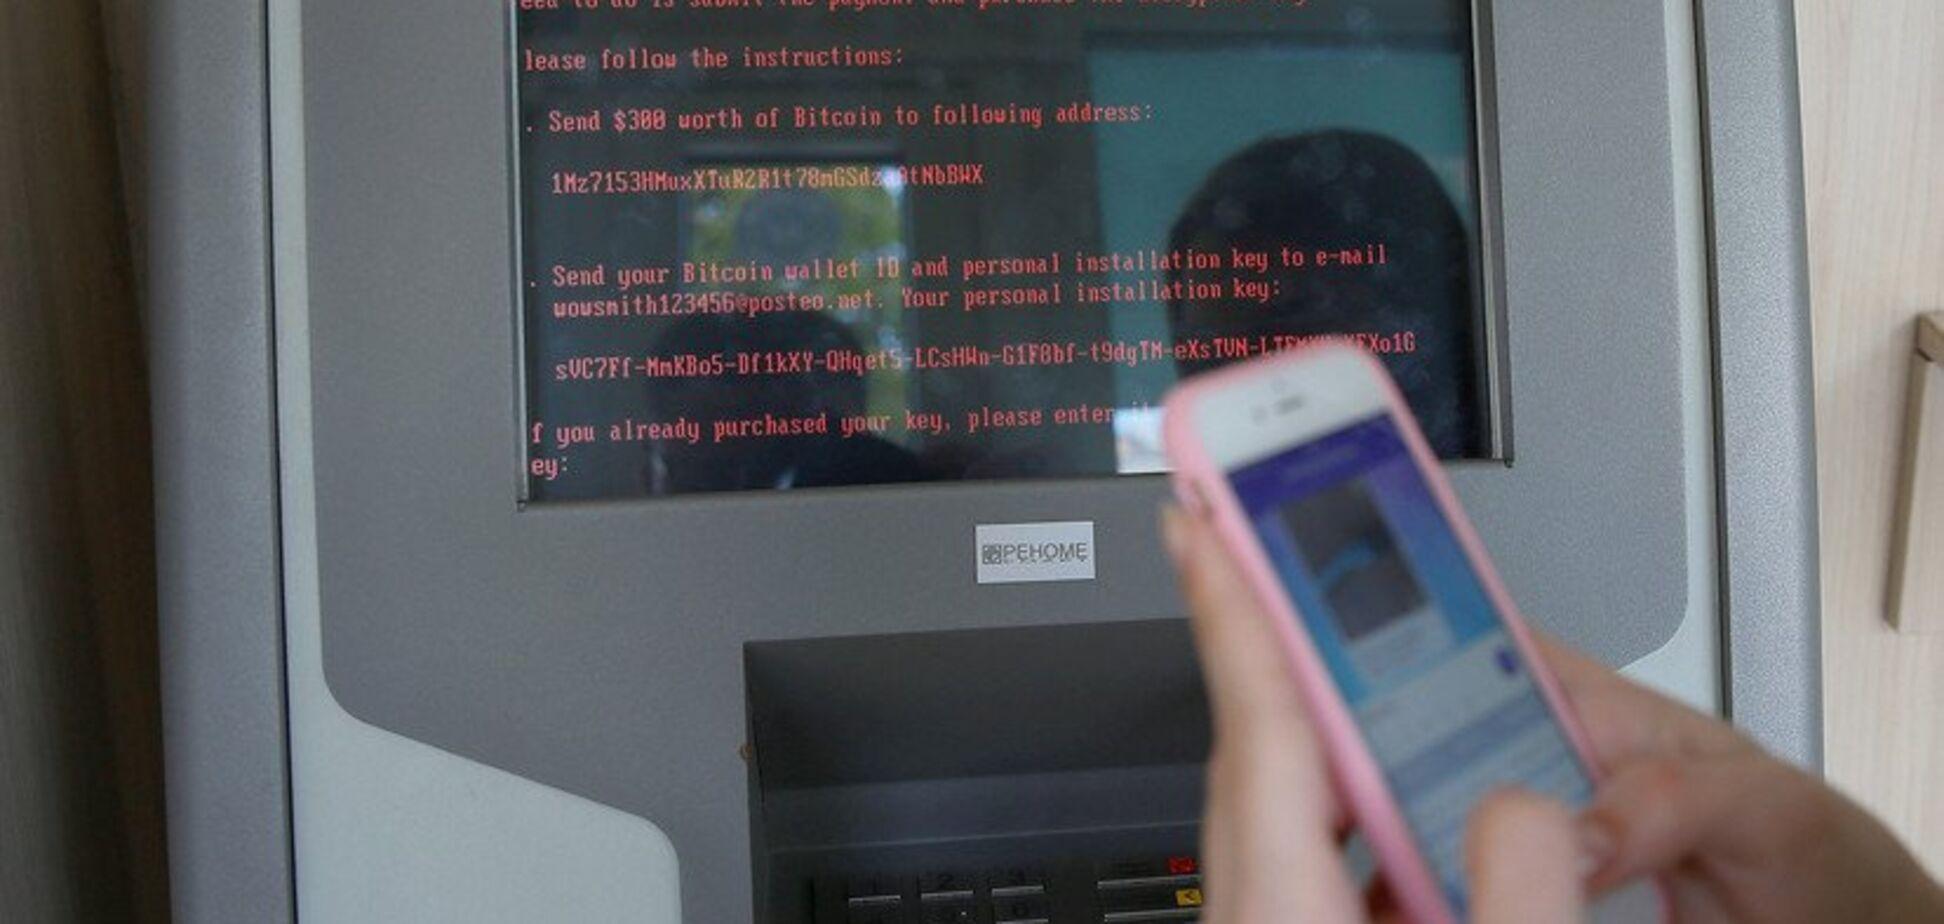 Під загрозою весь світ: хакери приготували масштабну крадіжку грошей з банкоматів